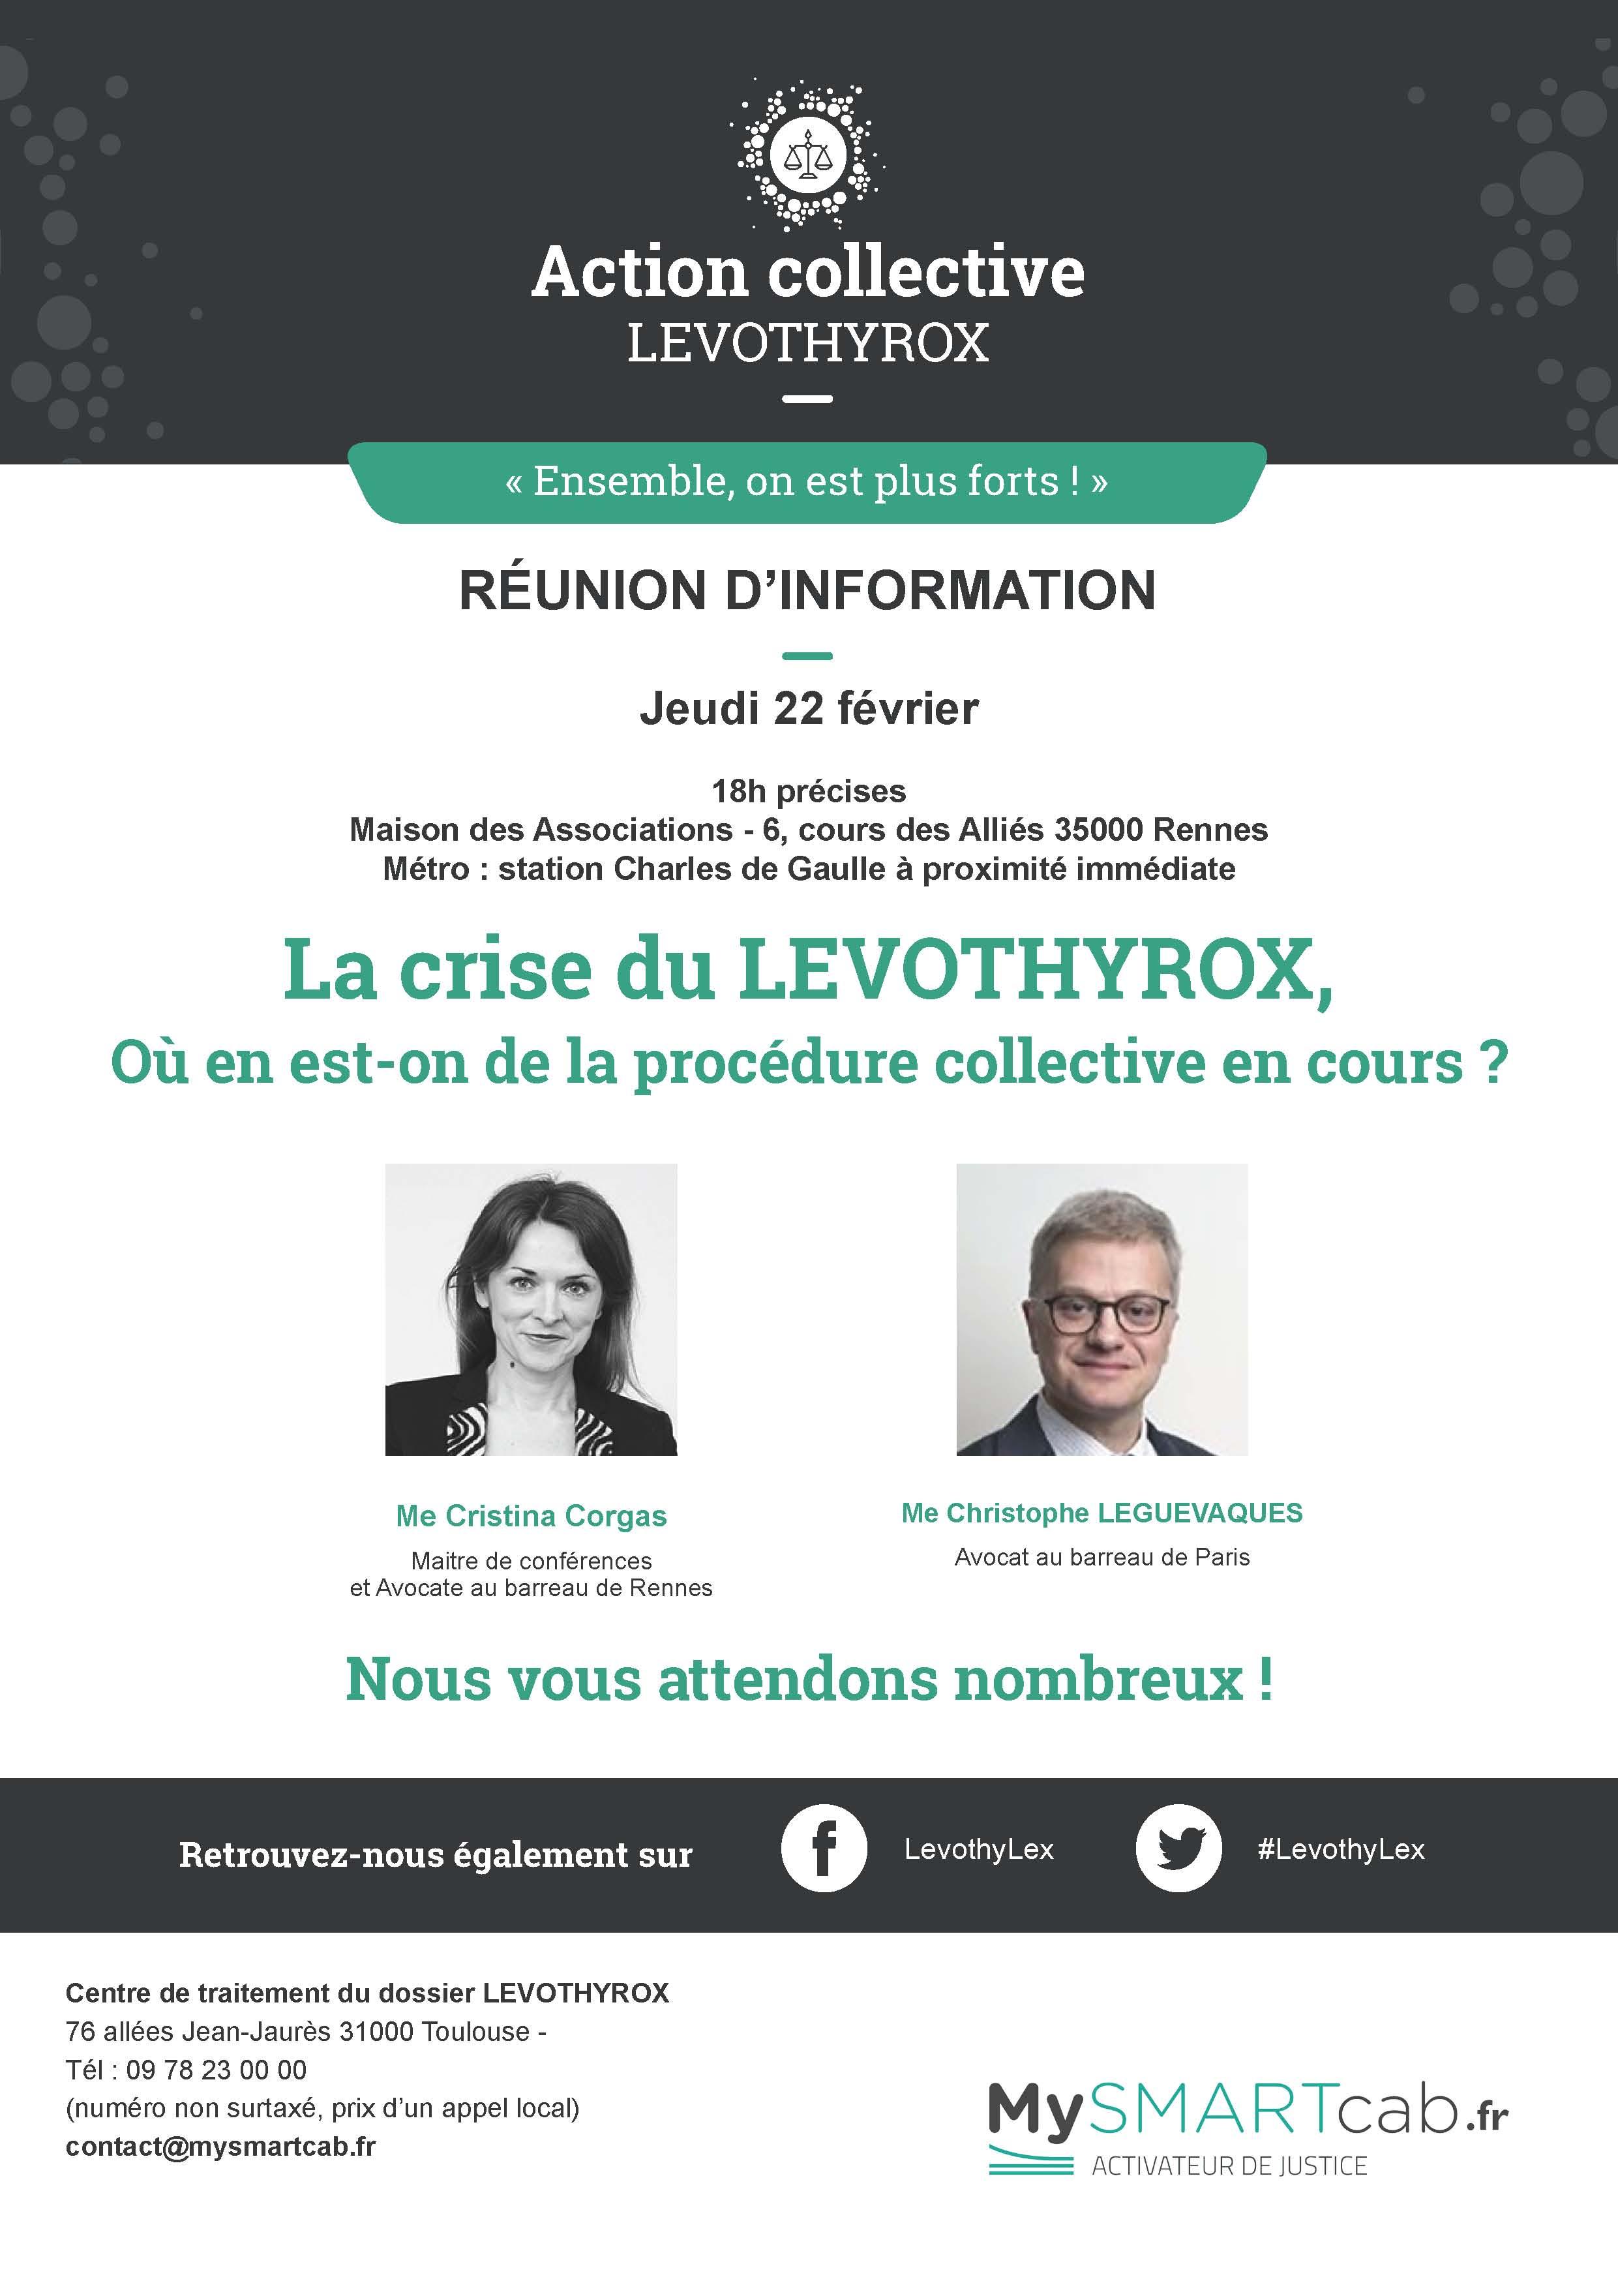 #Levothyrox : réunion d'information à RENNES le 22 février 2018